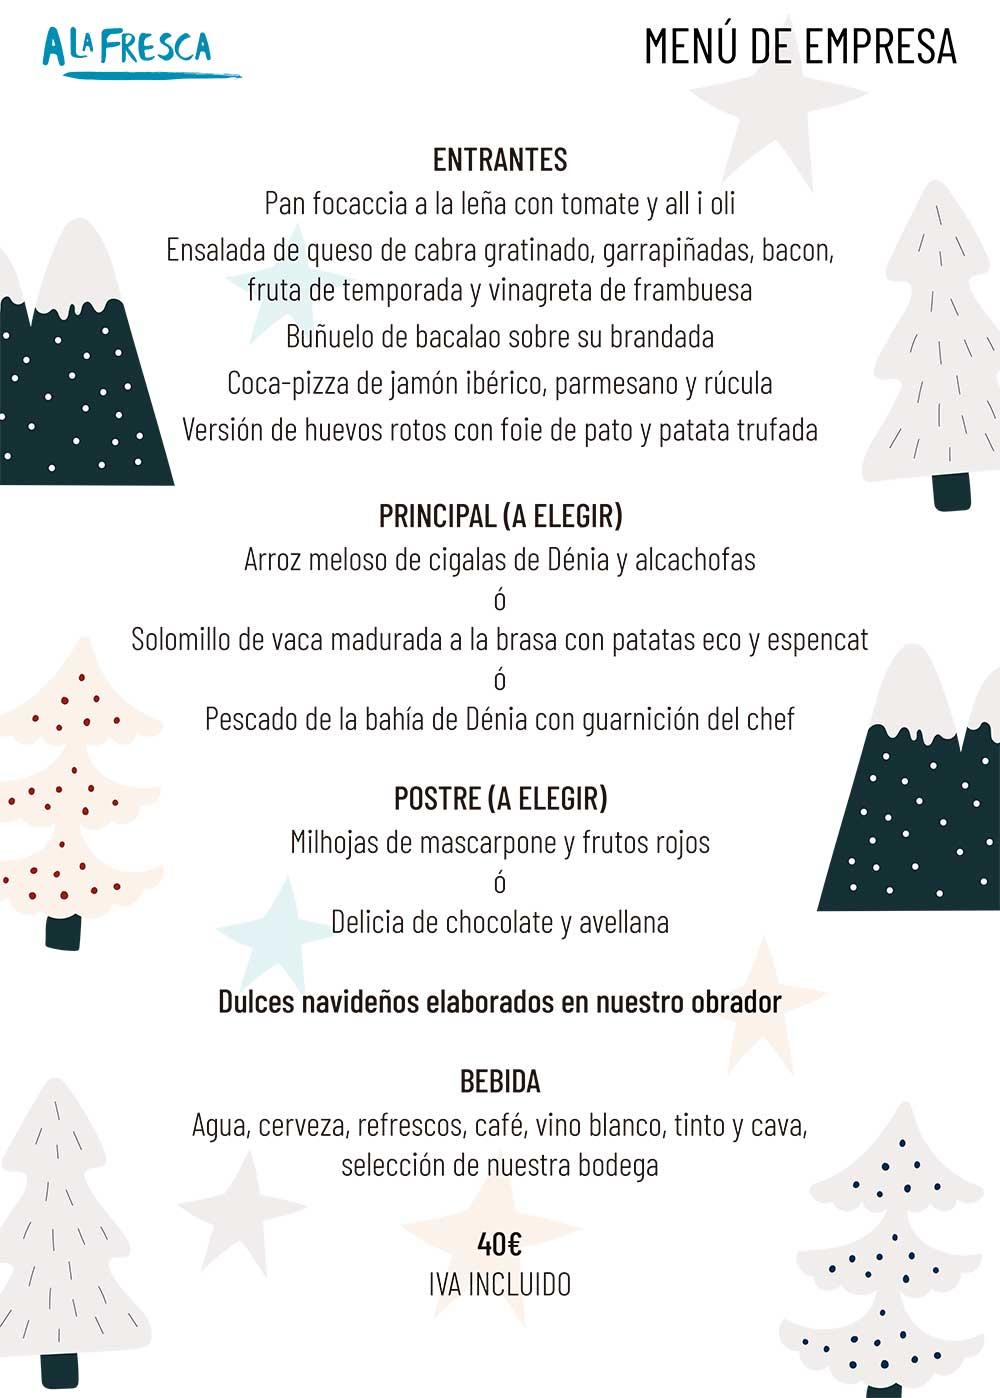 Menú-40e-comidas-de-empresa-A-la-fresca-Navidad-2020